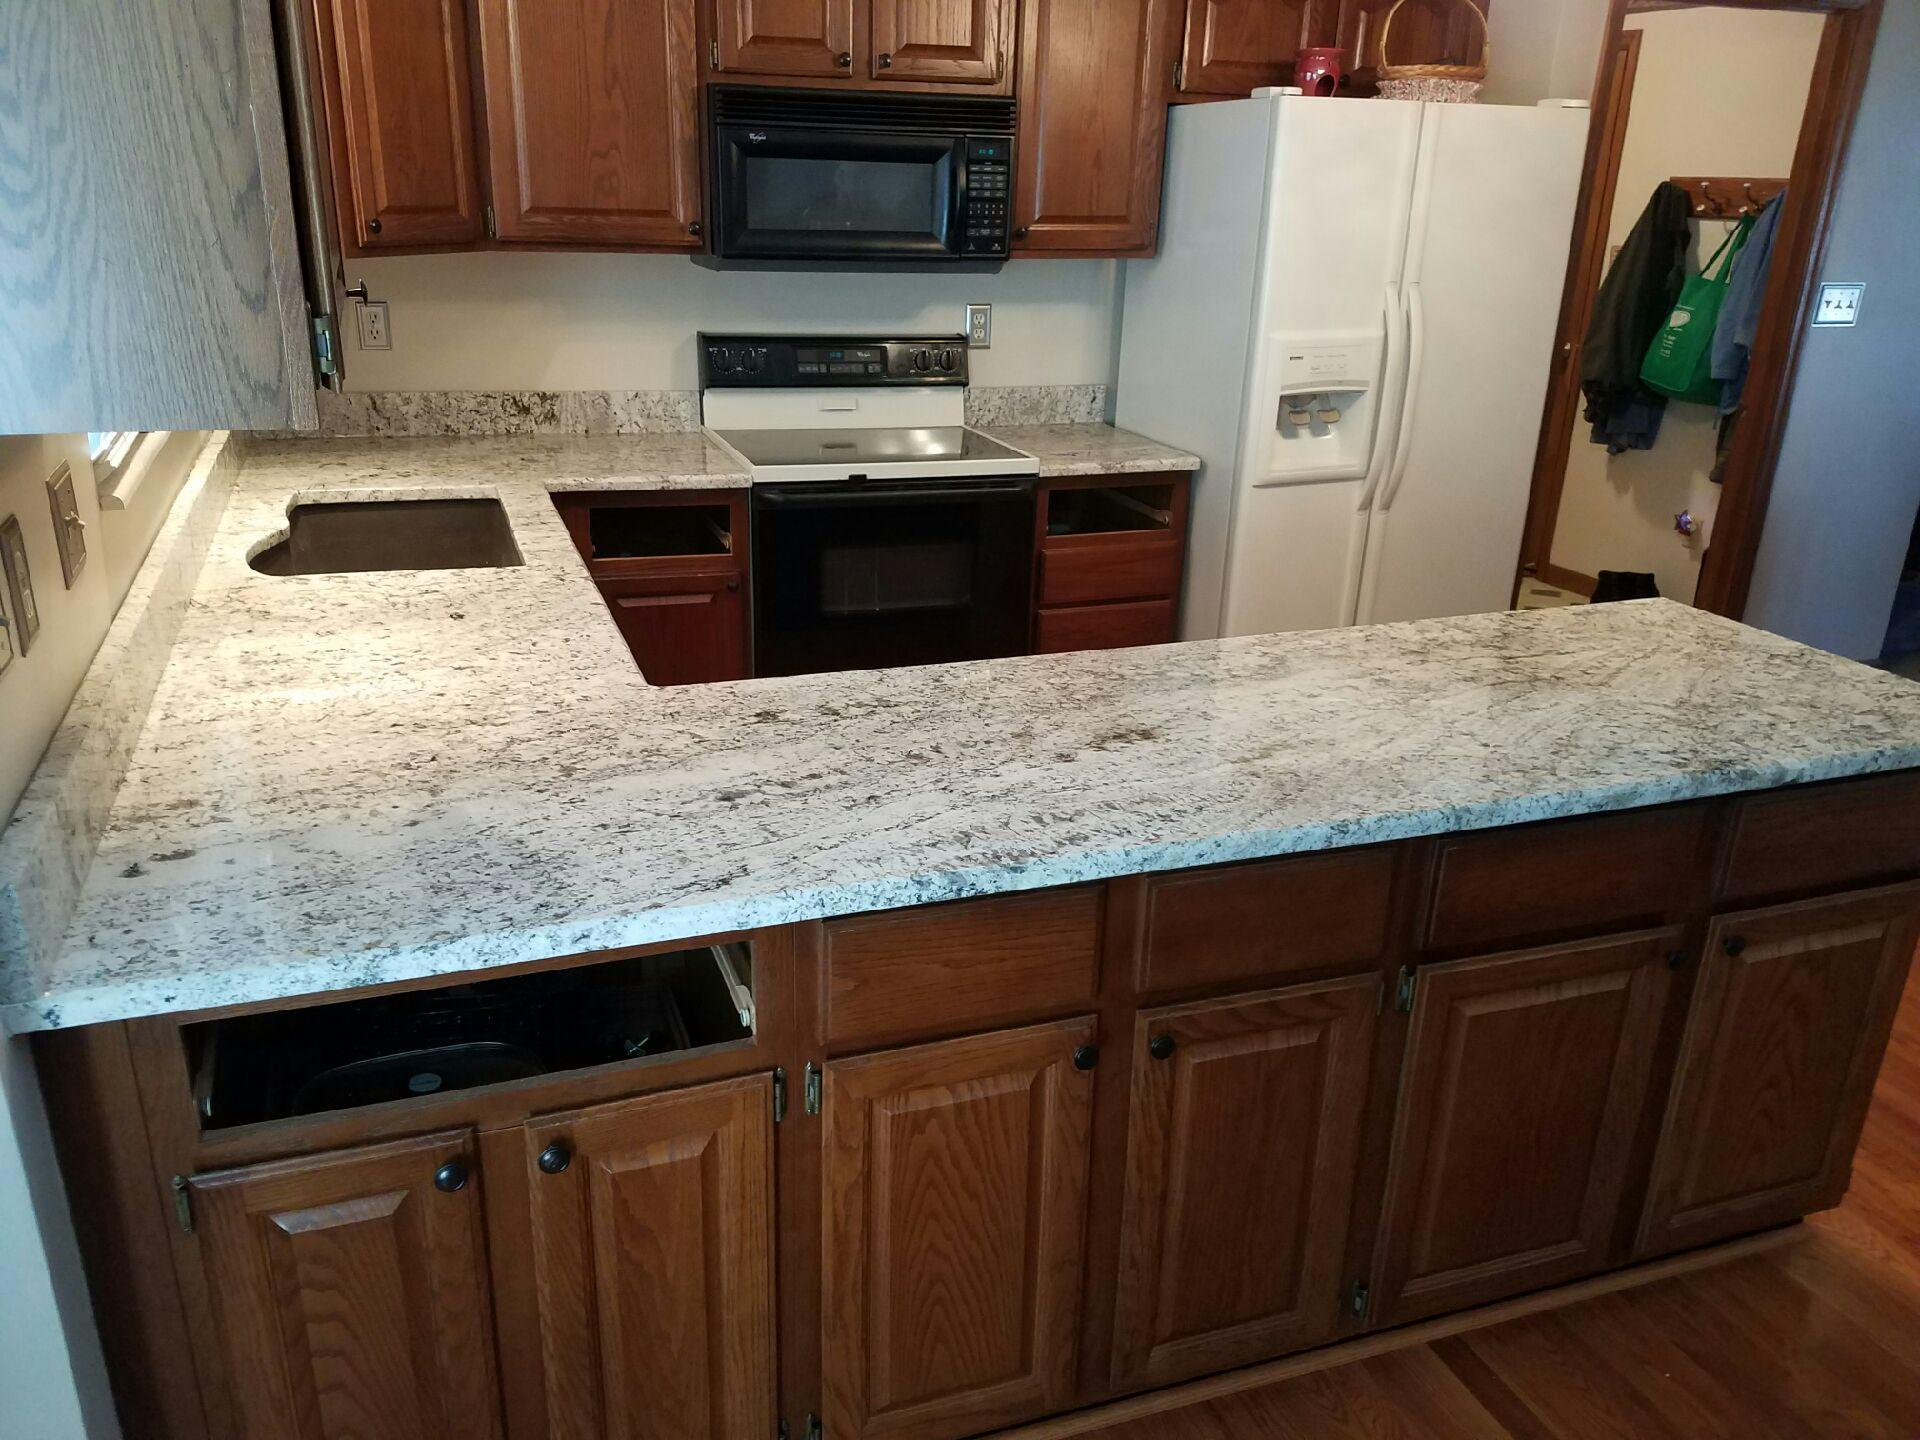 Groupb as well Dark Brown Countertops in addition Tan Brown Granite Countertops Kitchen further Sensa moreover Granite 20Colors. on tropic brown granite countertop